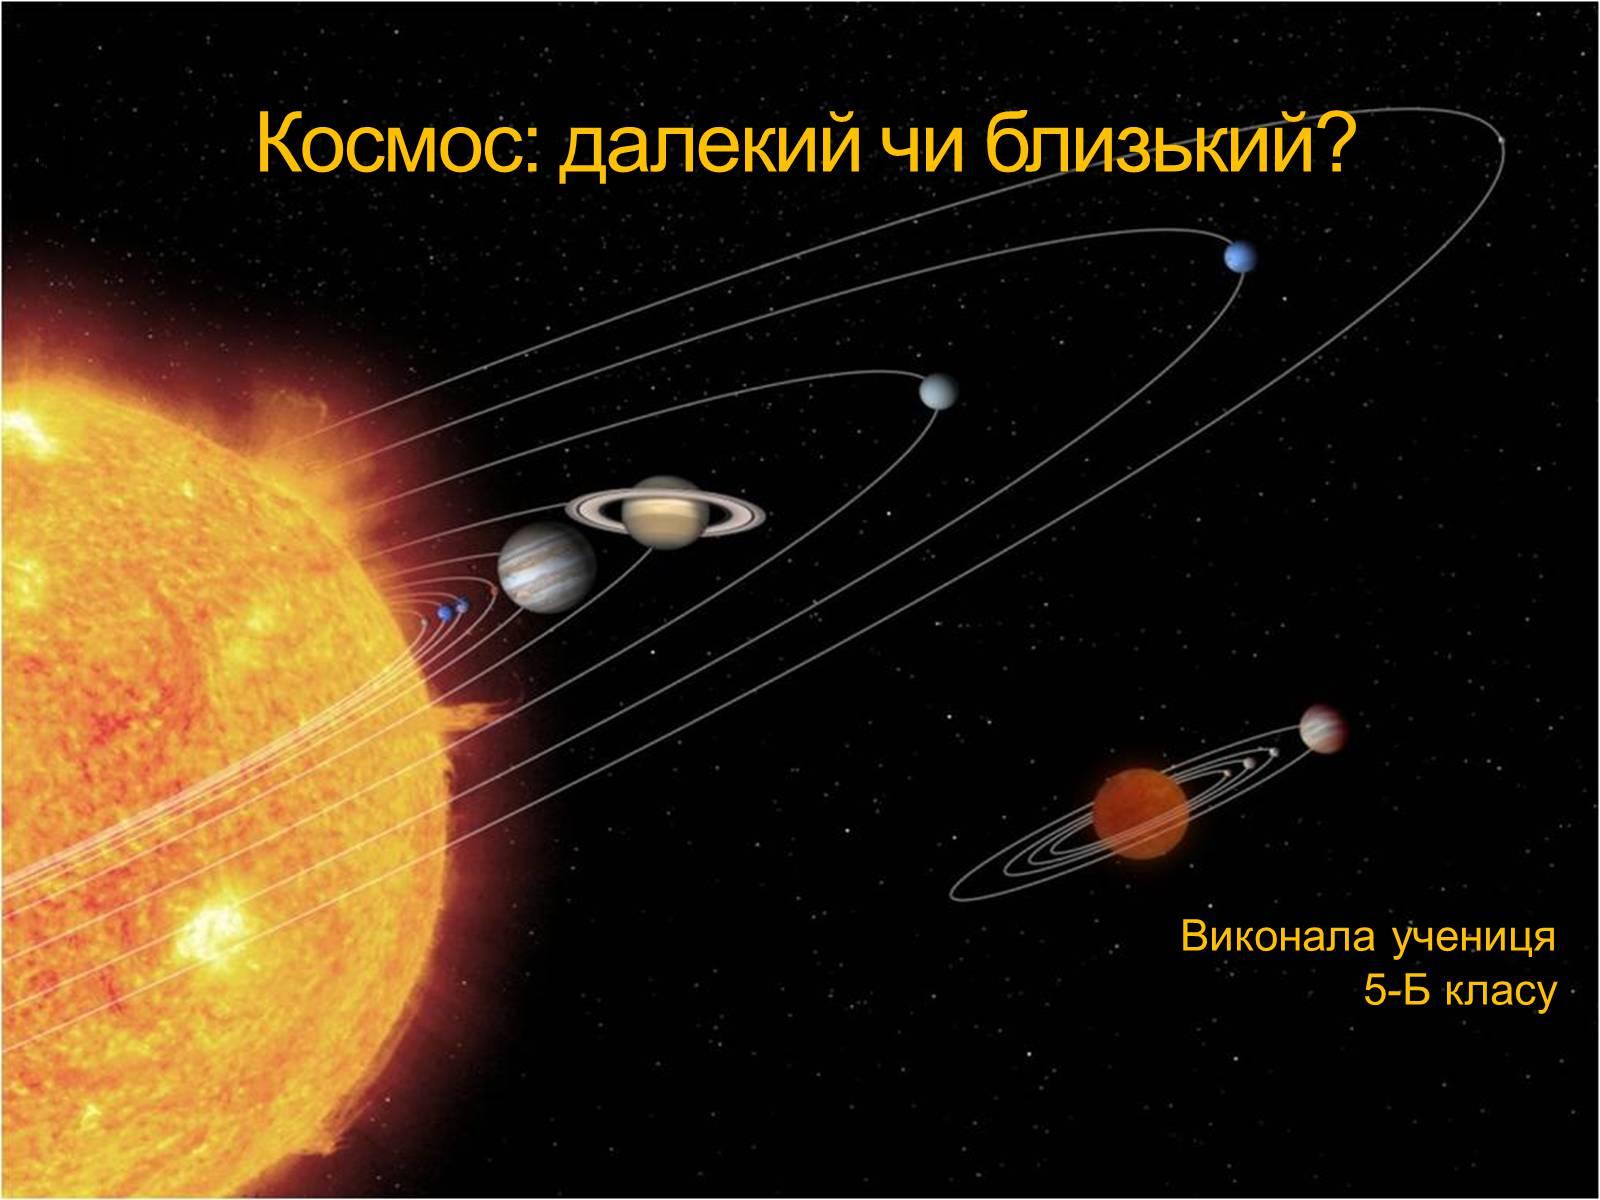 Реферат на тему космос далекий 7434